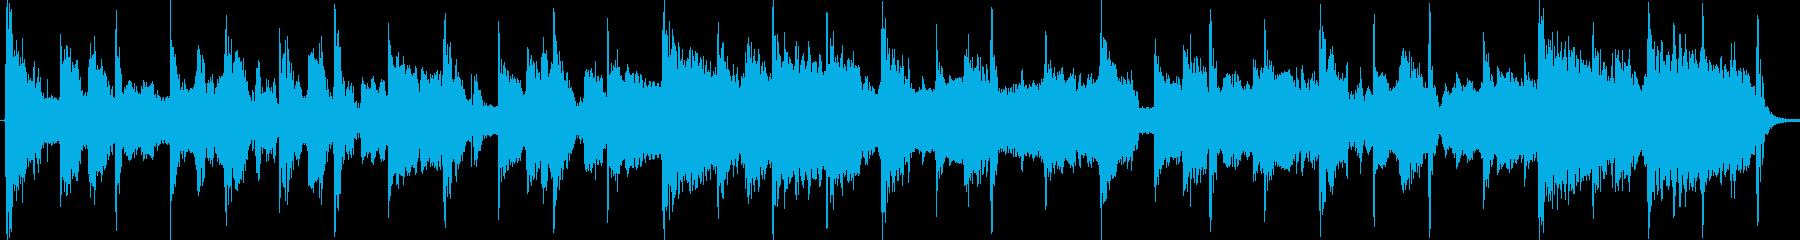 90年代のアメリカンポップジングルの再生済みの波形